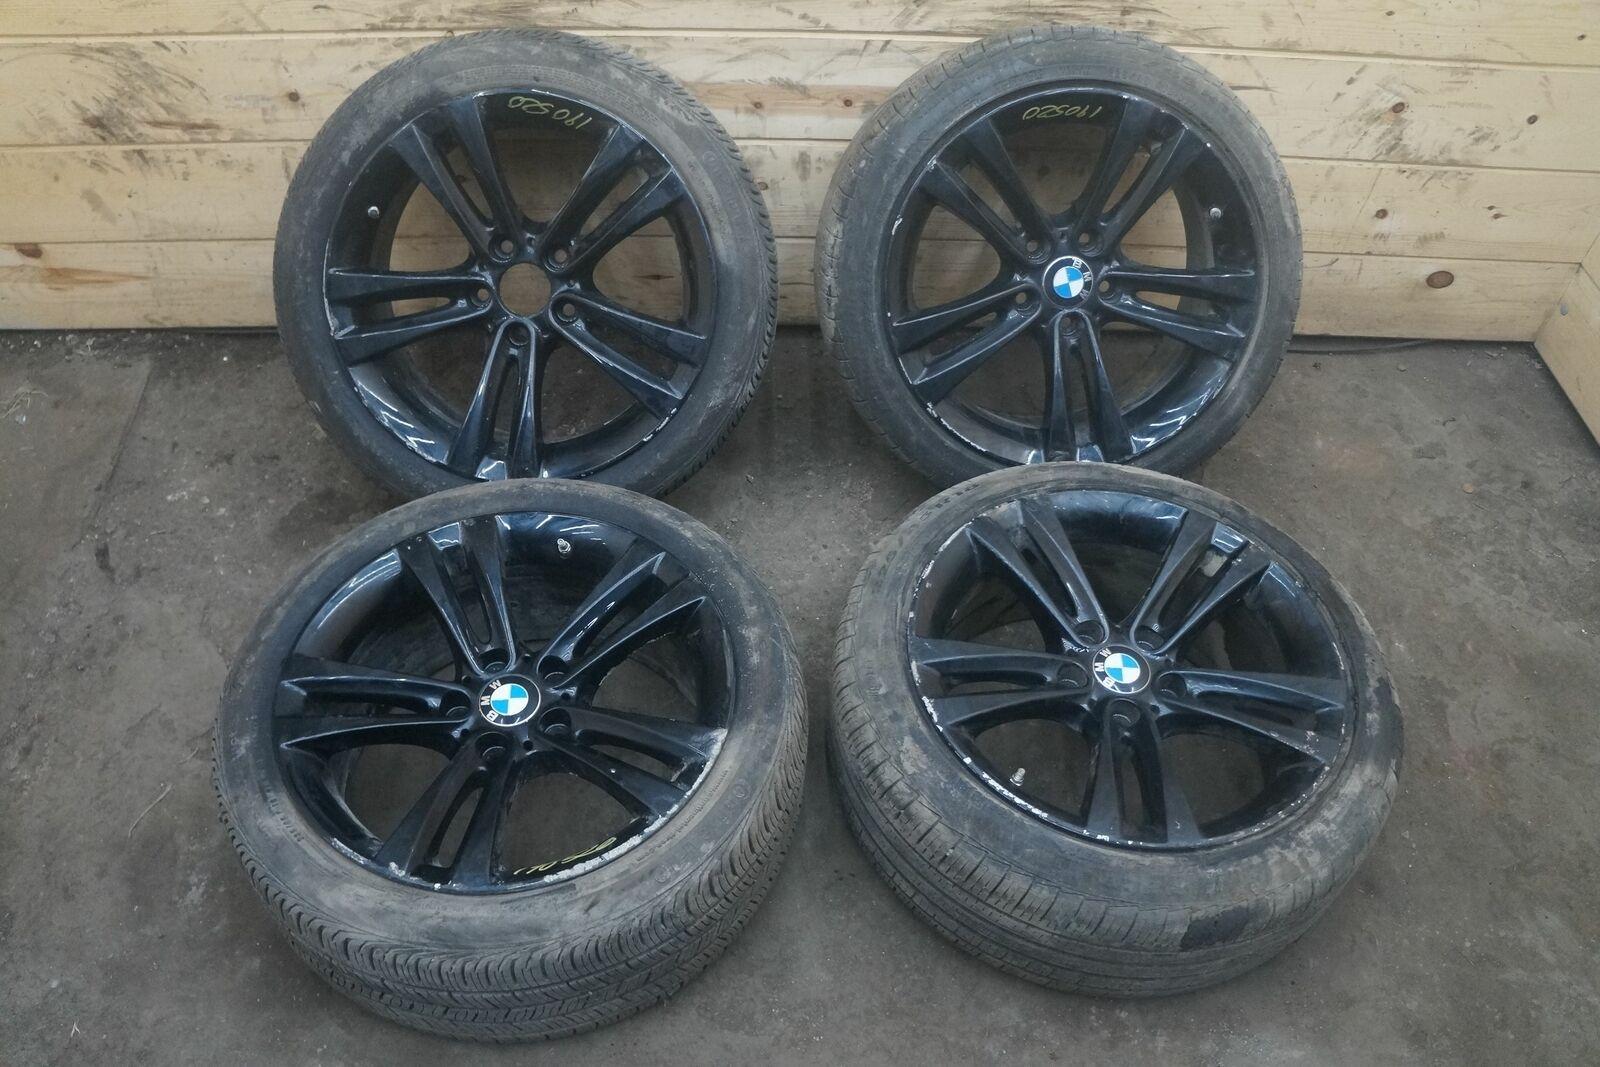 18 Inch Tires >> Set 18 Inch 397 Wheel Rim Tire 36116796247 Oem Bmw 335i F30 2012 18 F32 Note